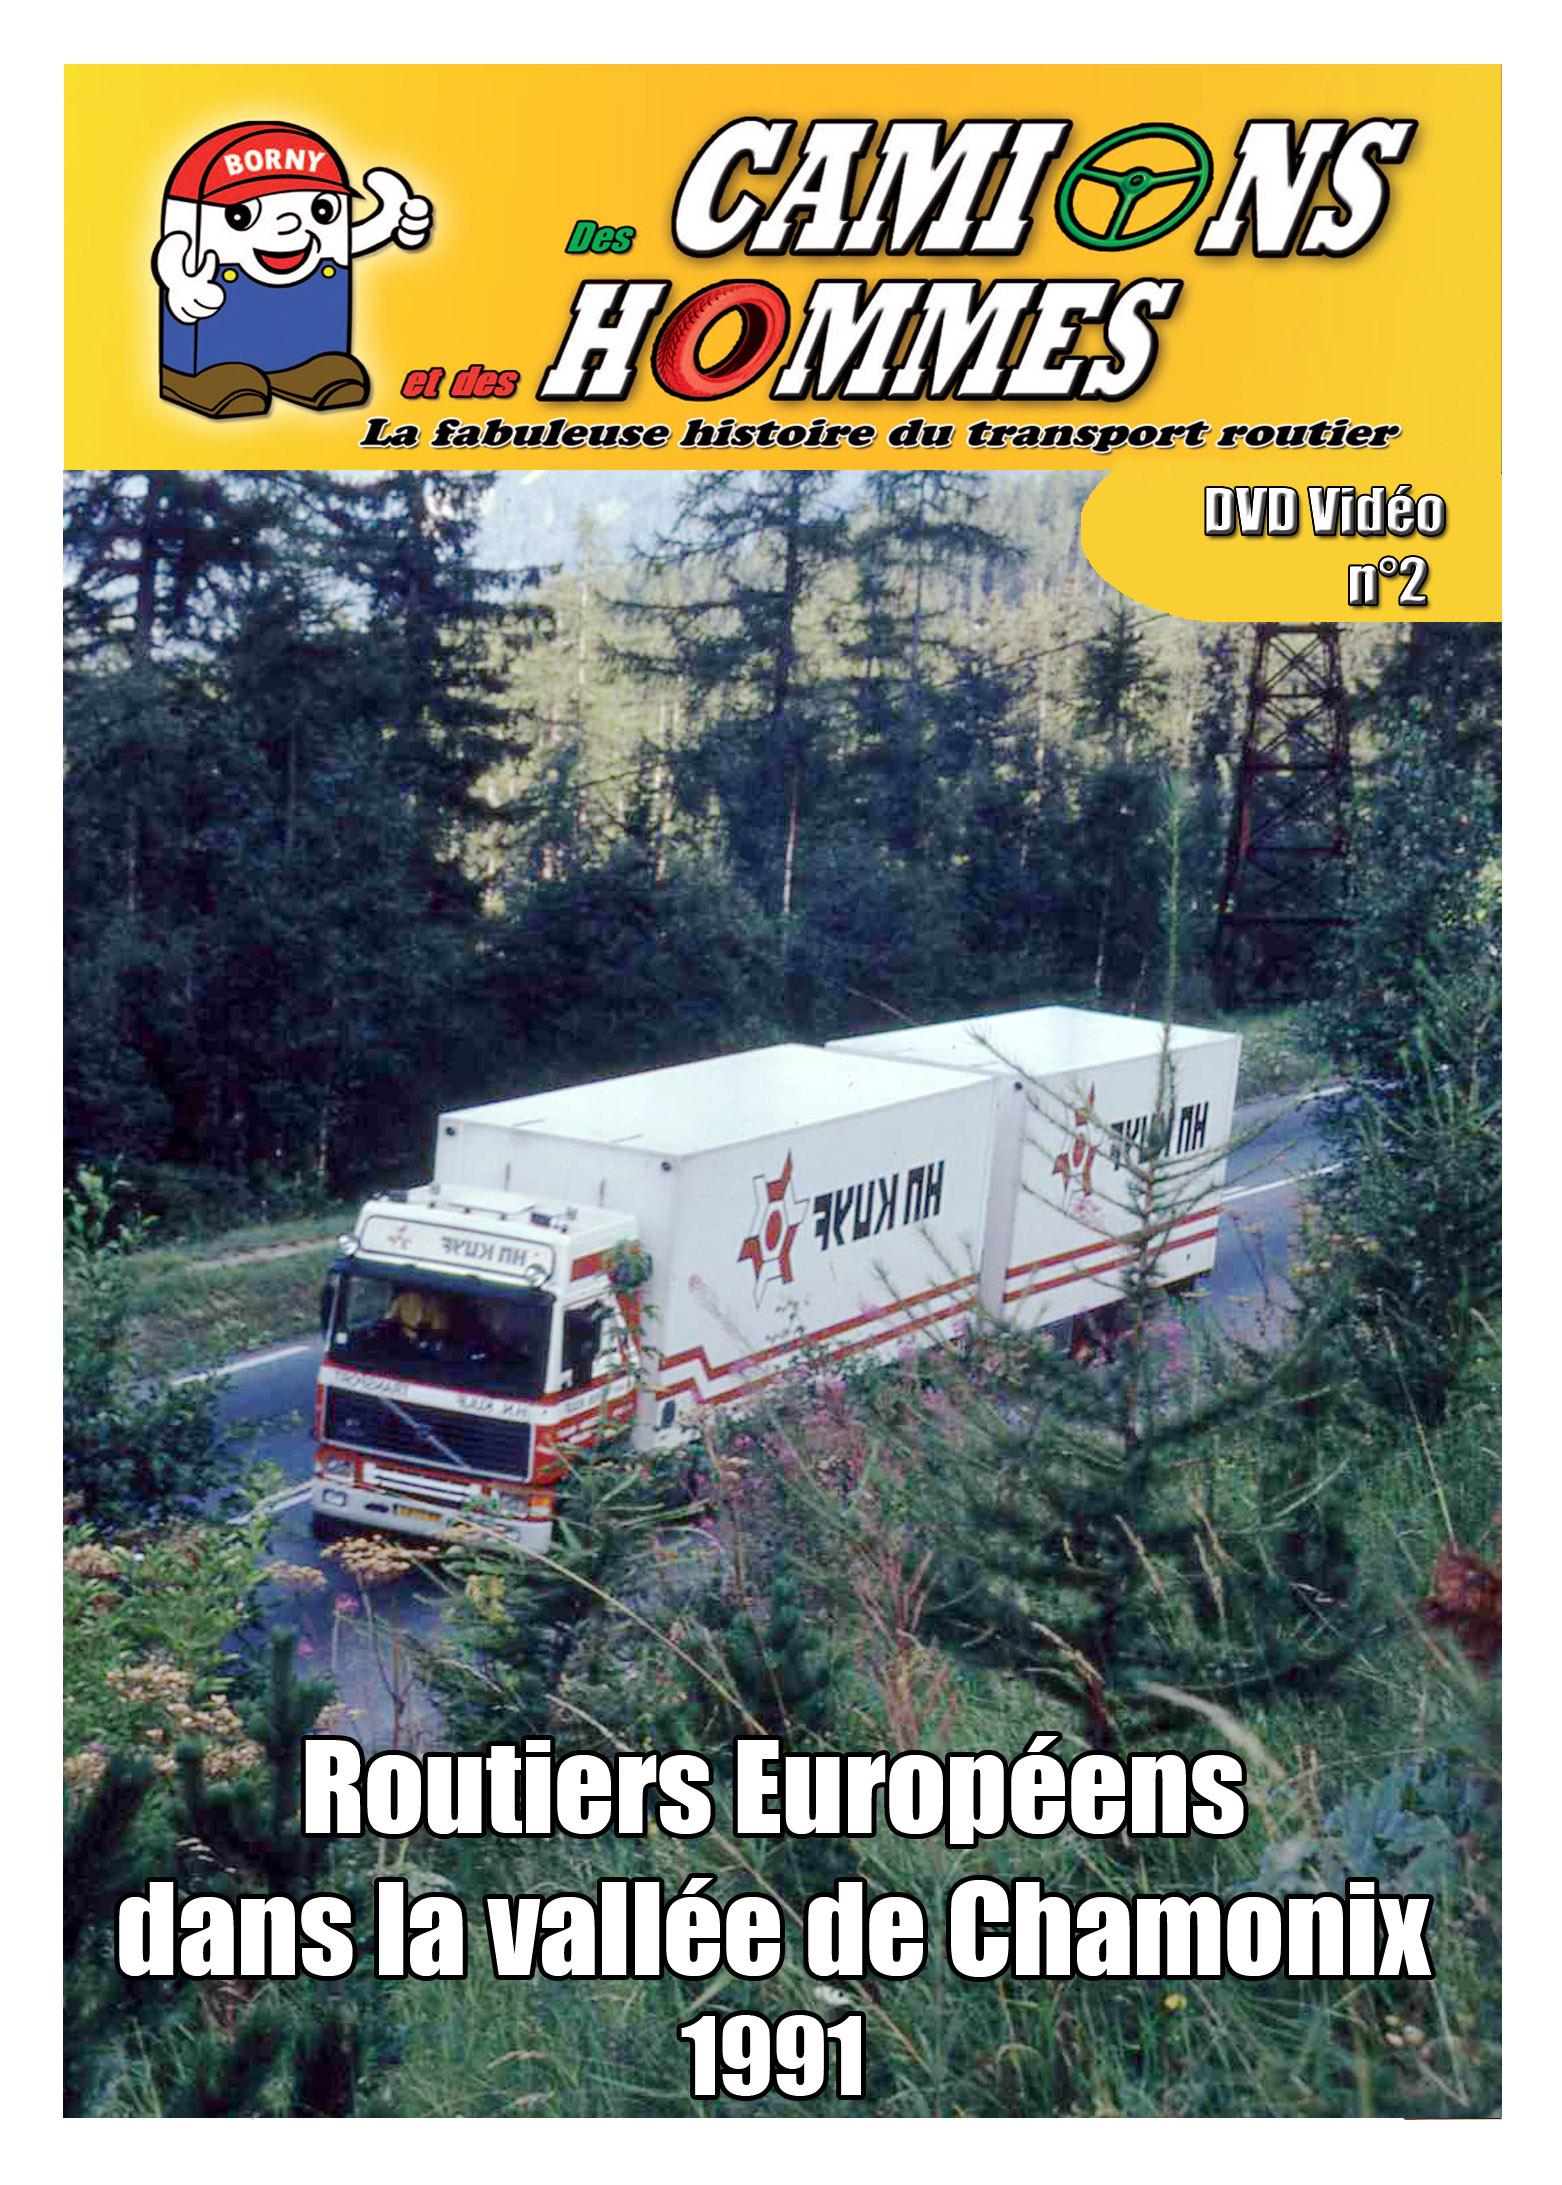 Routiers Européens dans la vallée de Chamonix 1991 partie 2